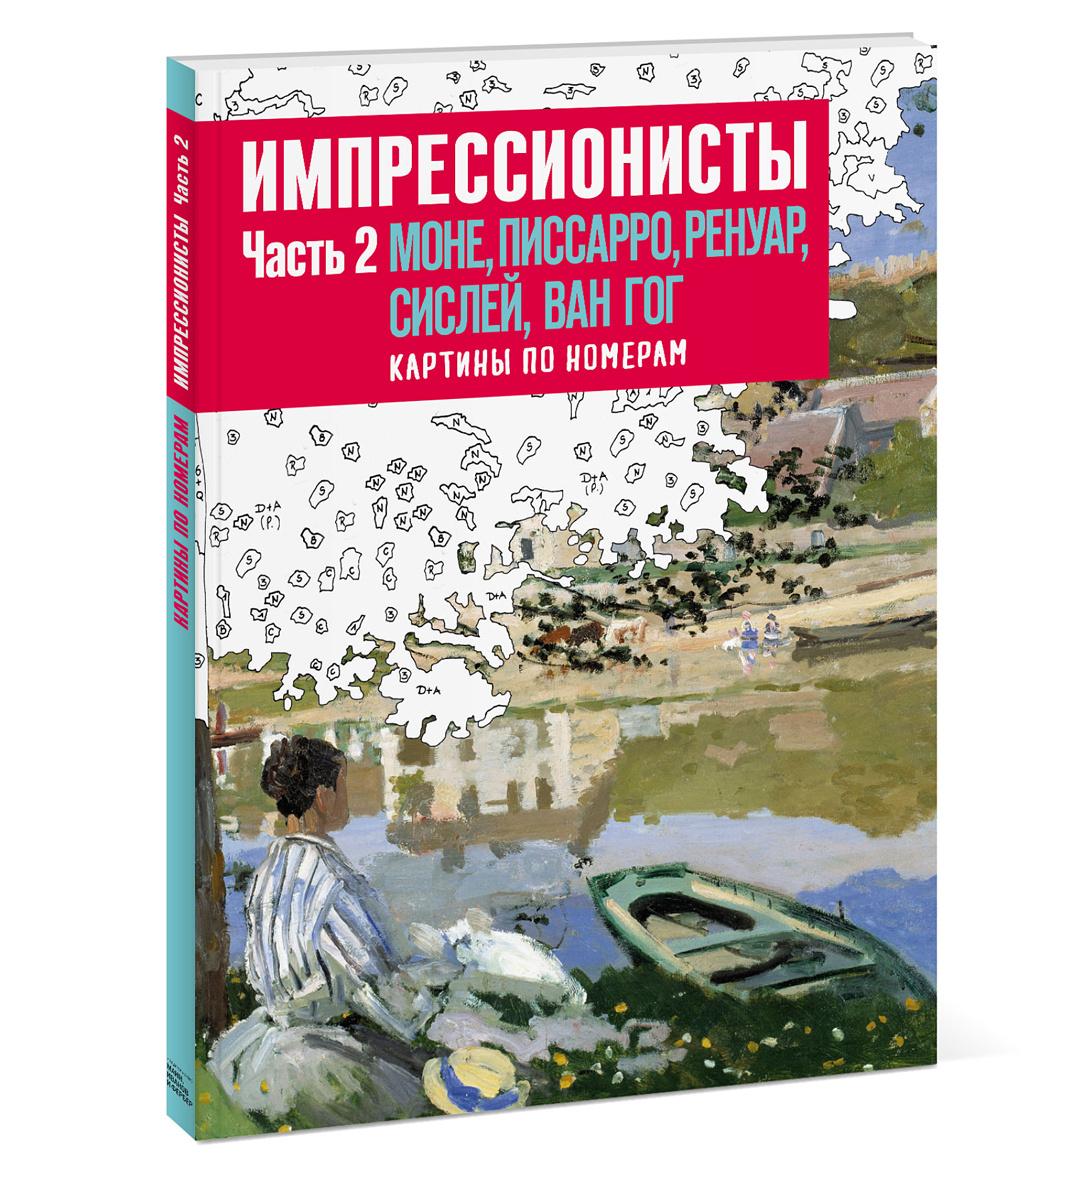 """Книга """"Импрессионисты. Часть 2. Моне, Писсаро, Ренуар ..."""